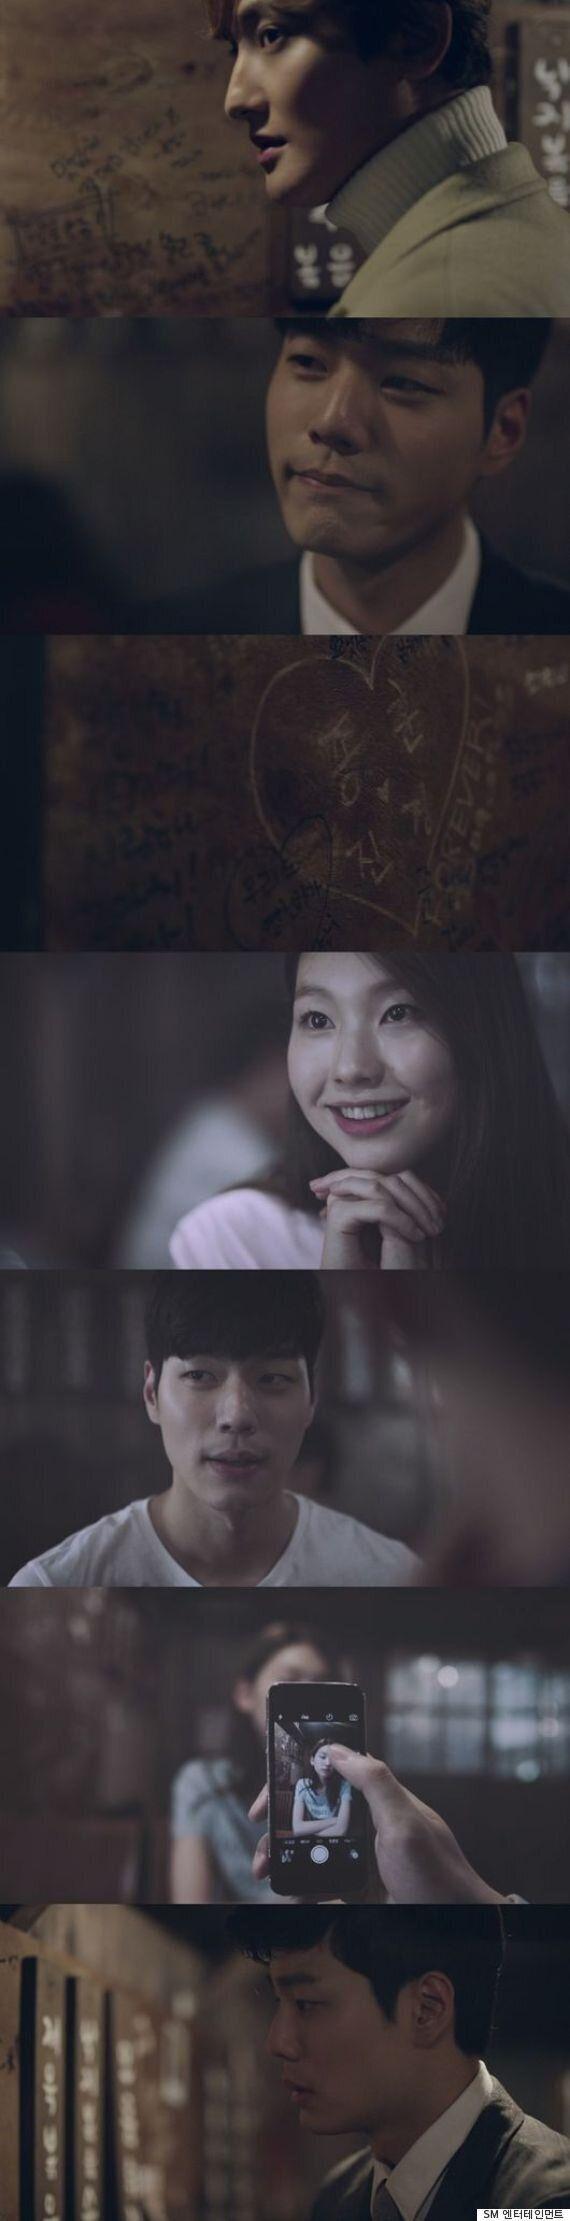 [한밤의 신곡] 강타가 경험한 이별, 감성 발라더의